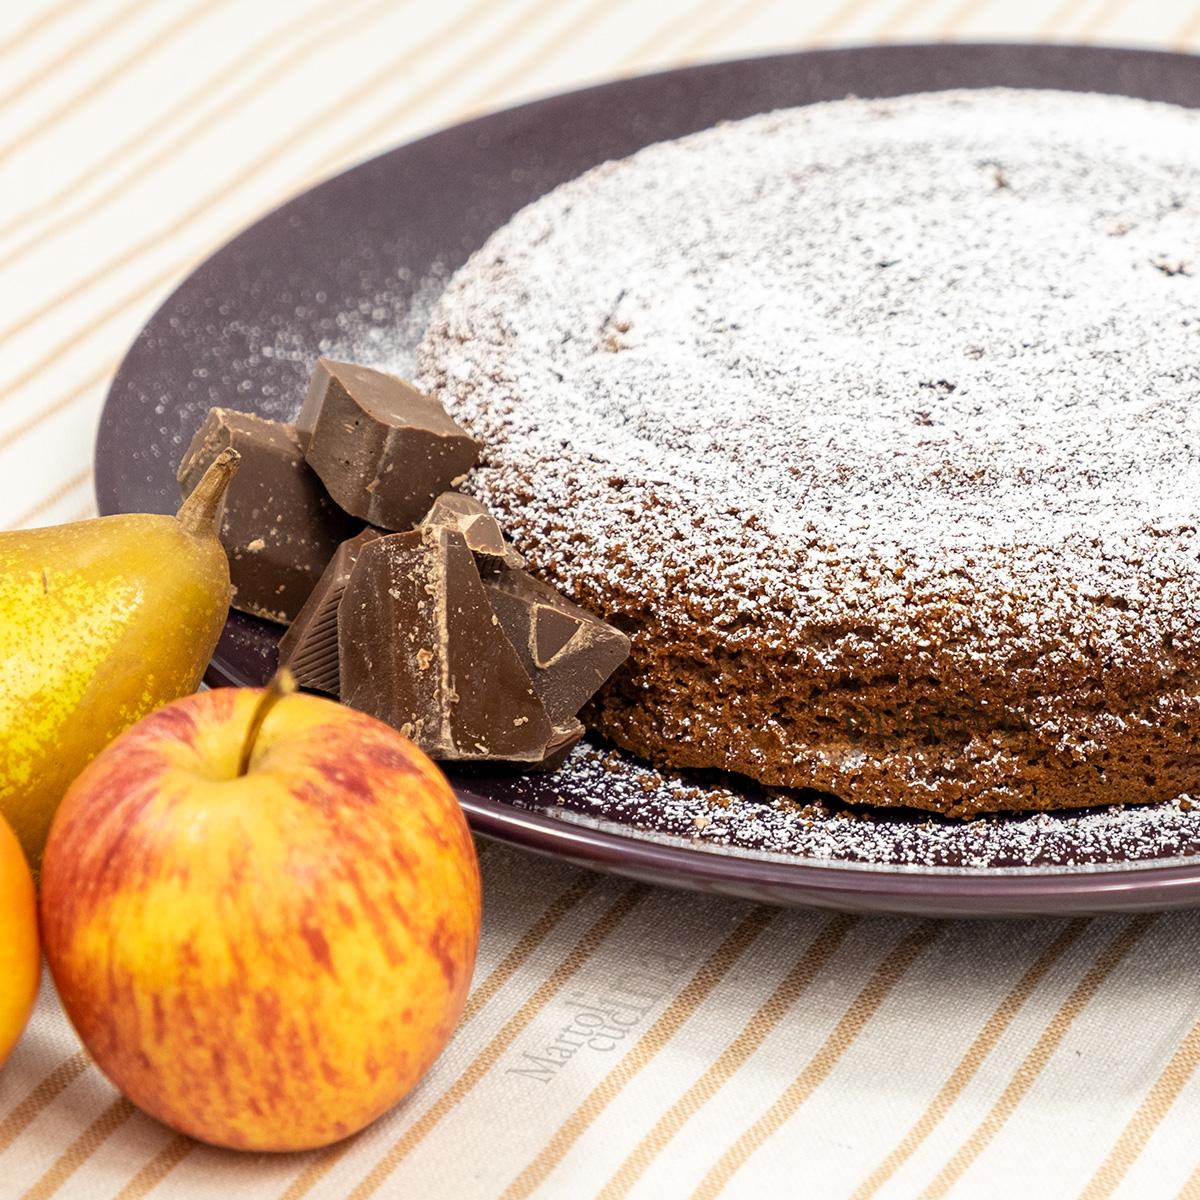 Torta di mele pere cacao